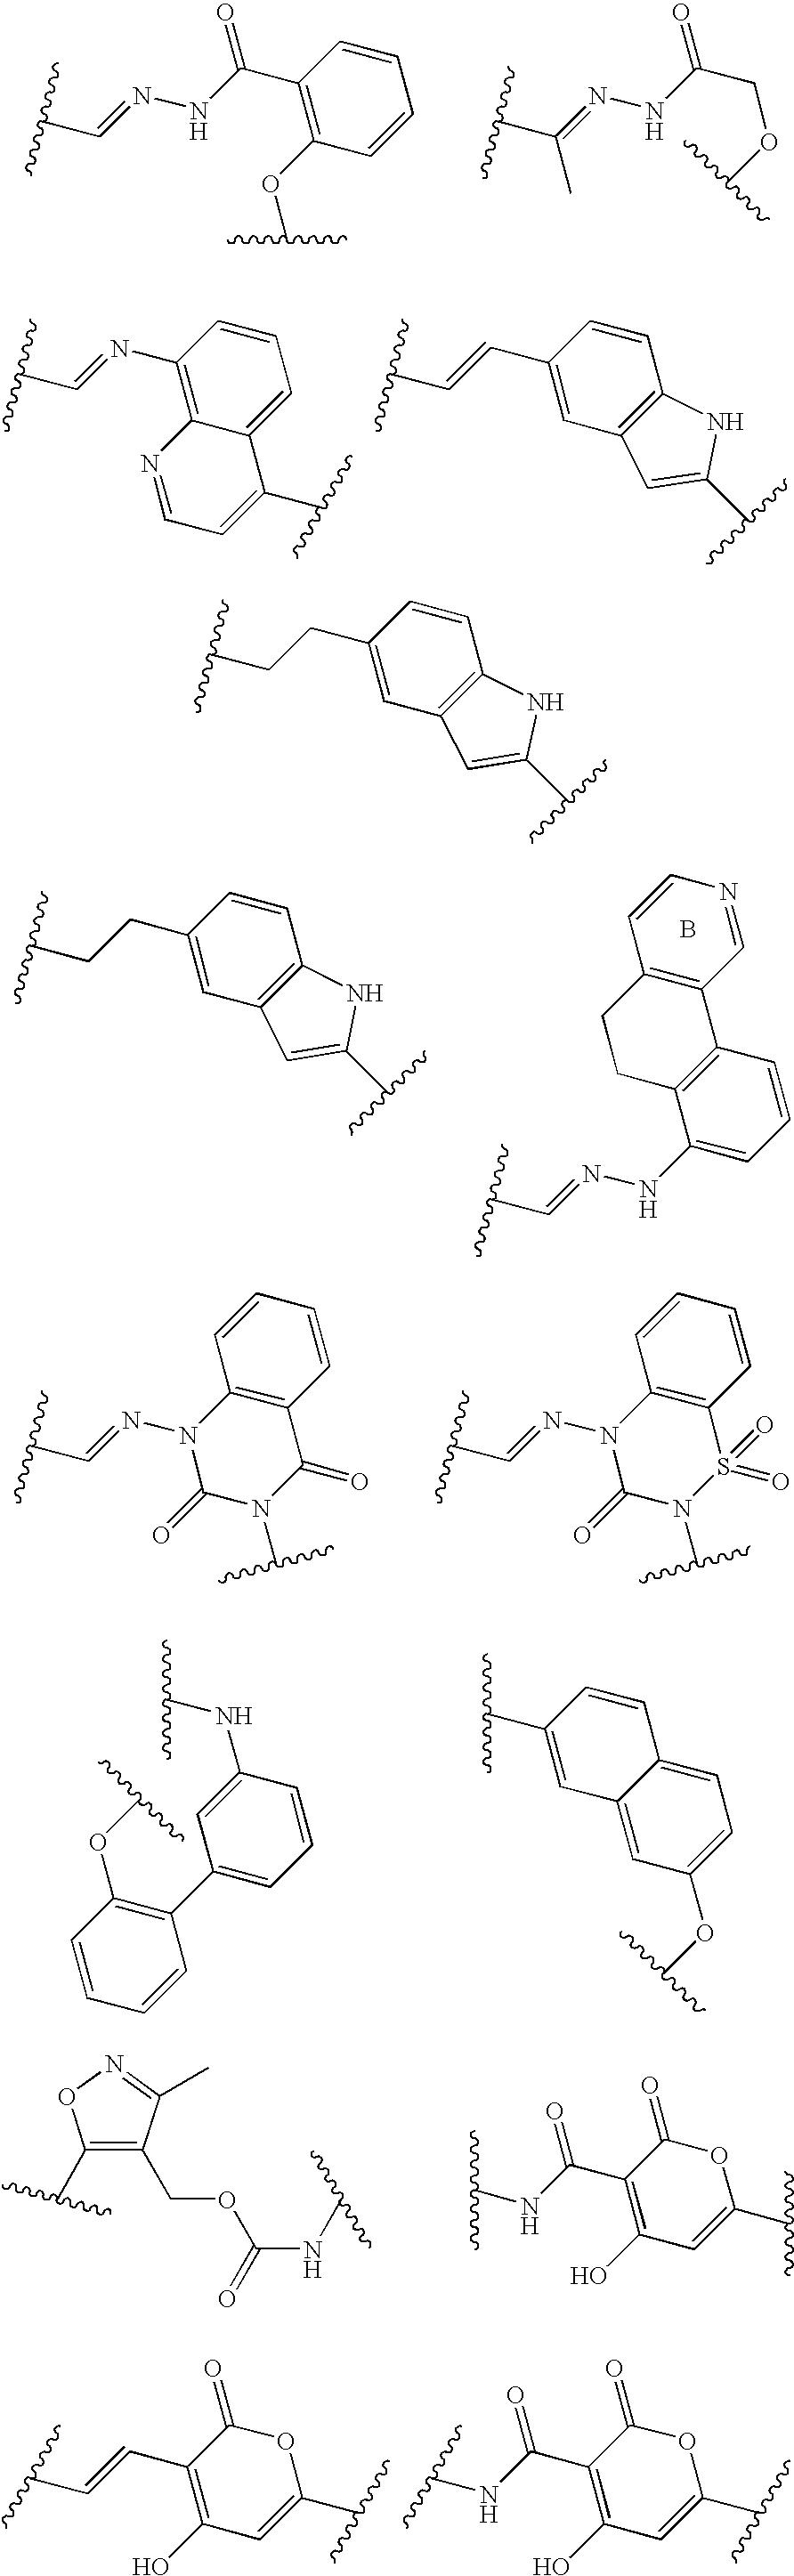 Figure US20040204477A1-20041014-C00003